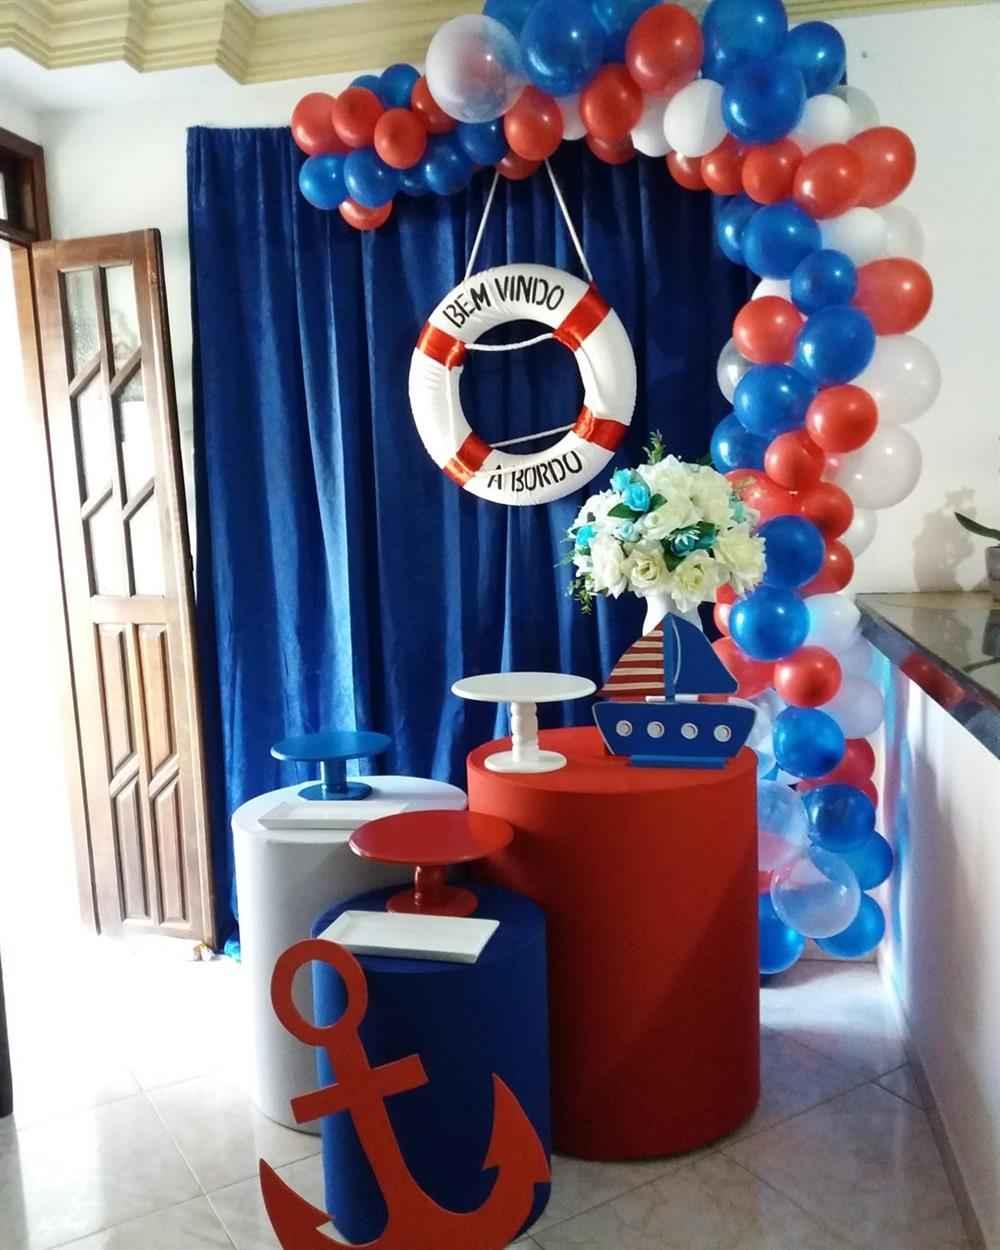 decoração de festa infantil com cortina